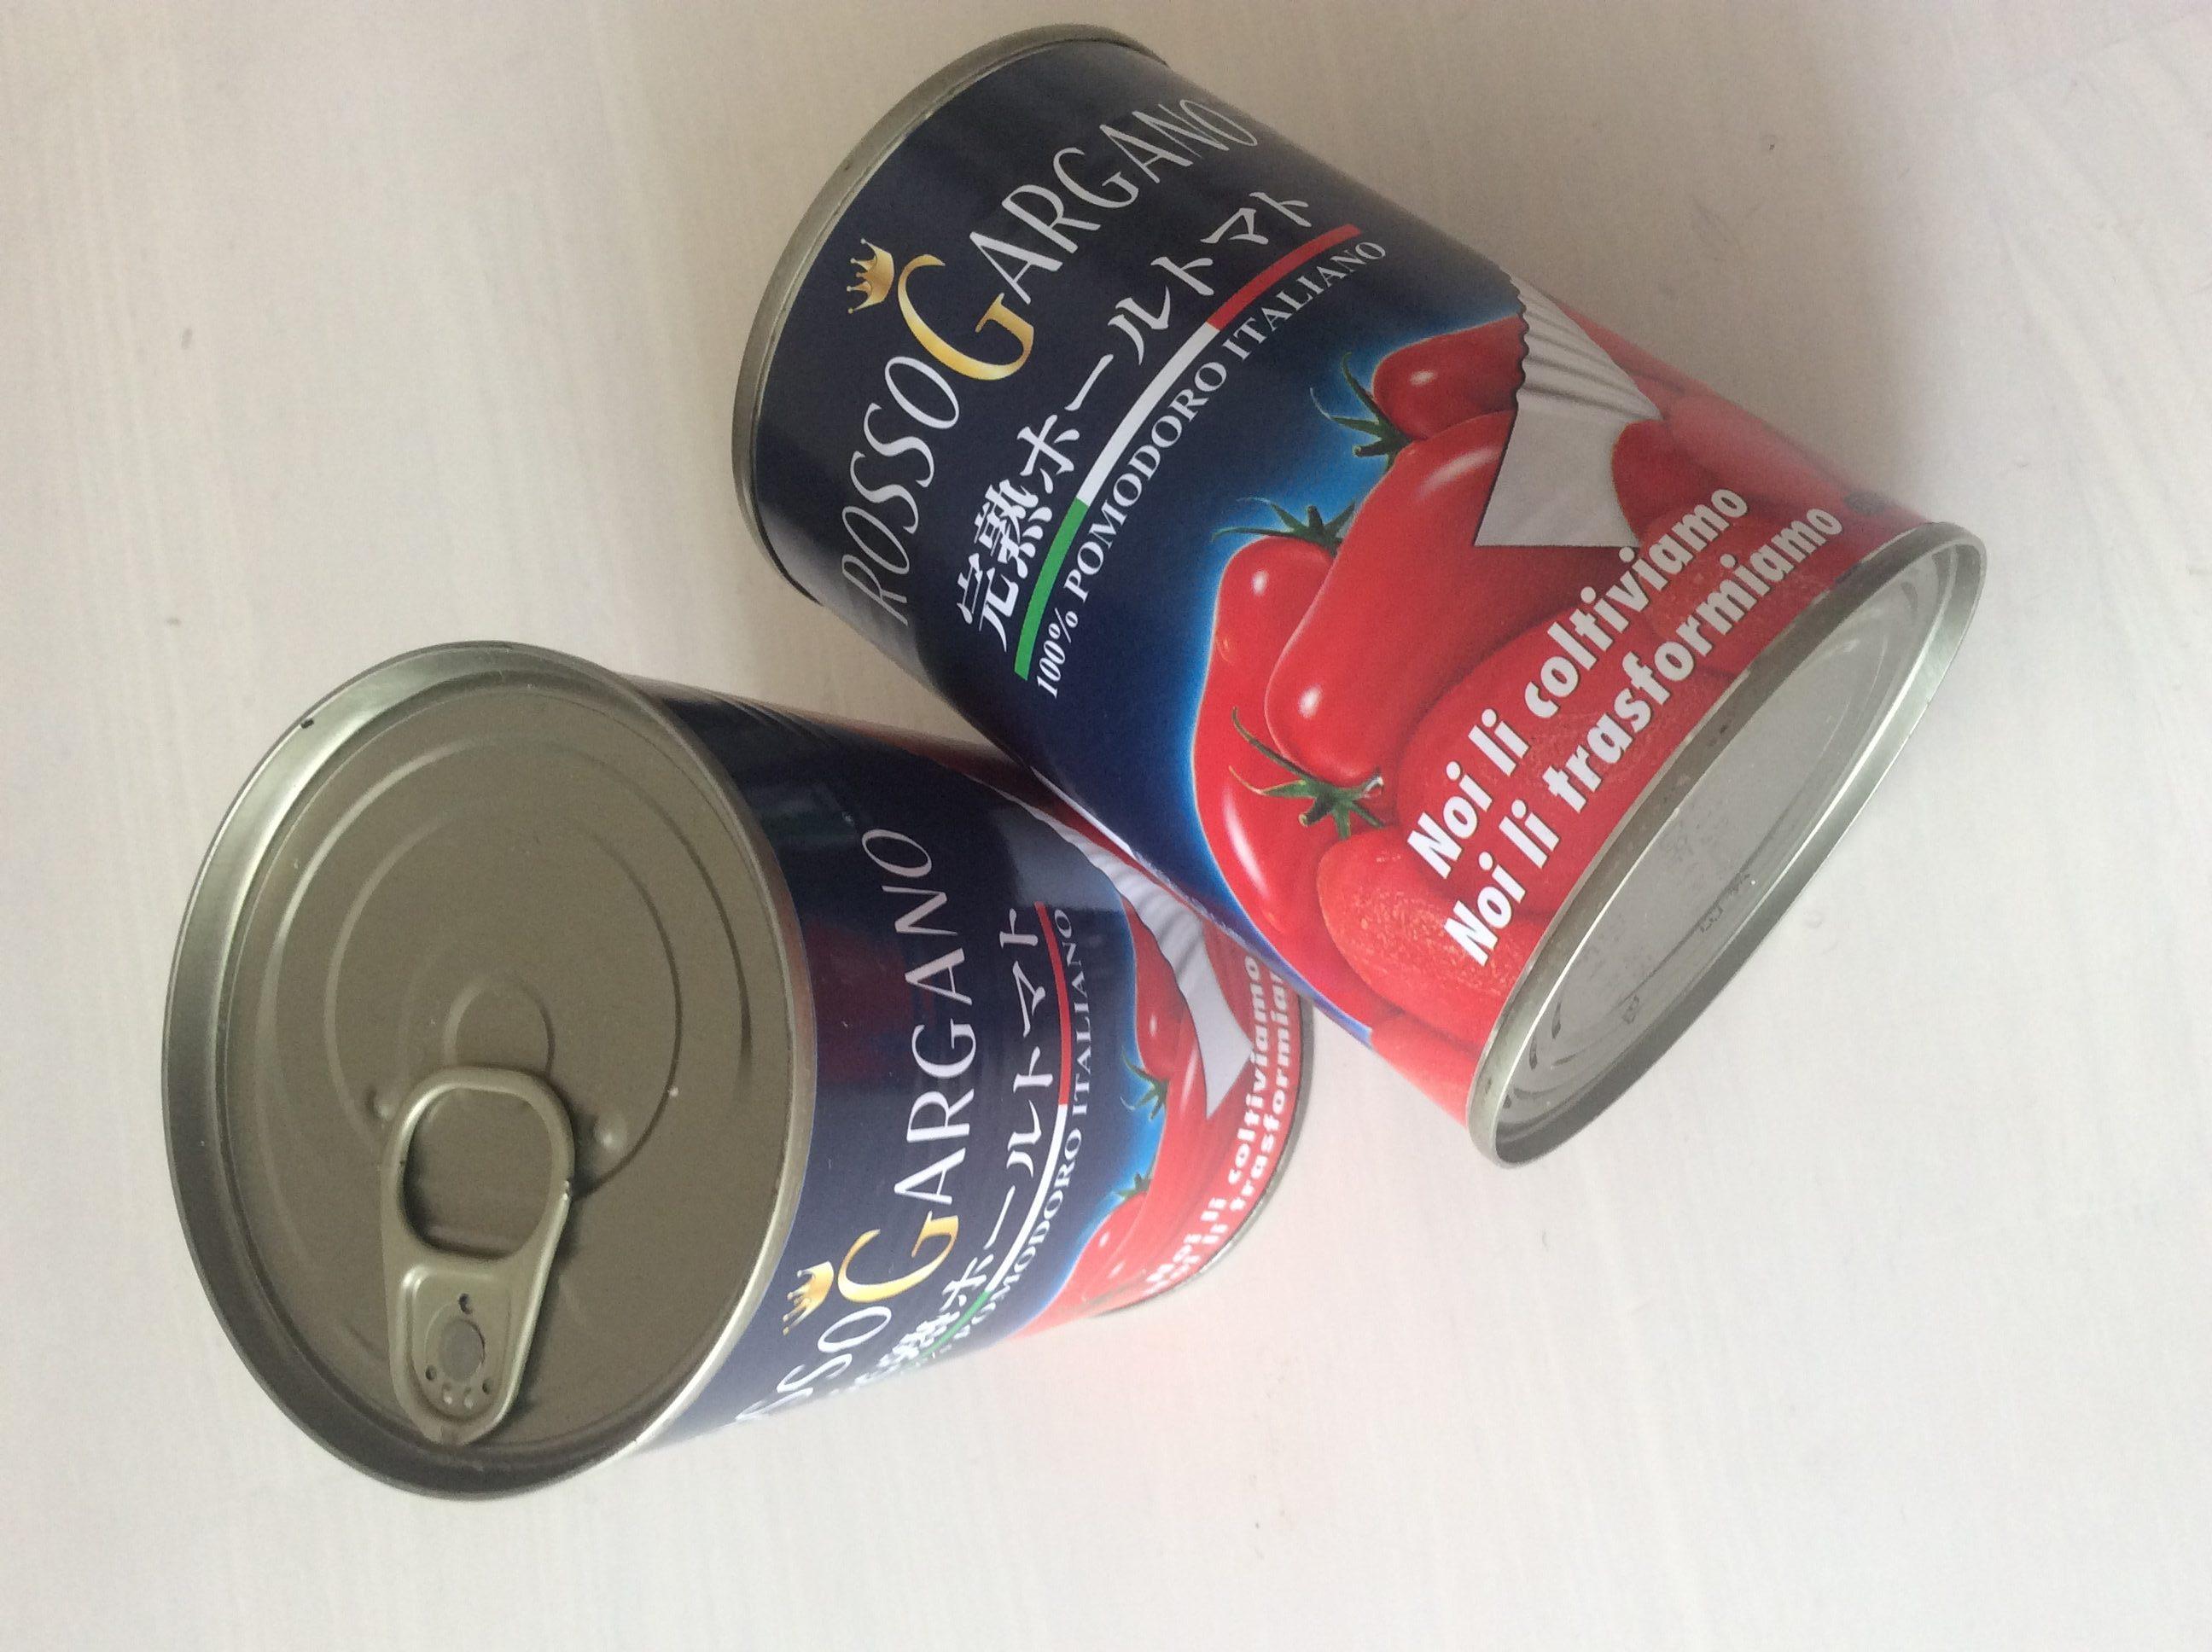 トマト缶はうまい!あとは塩と油を入れればもっとうまい!